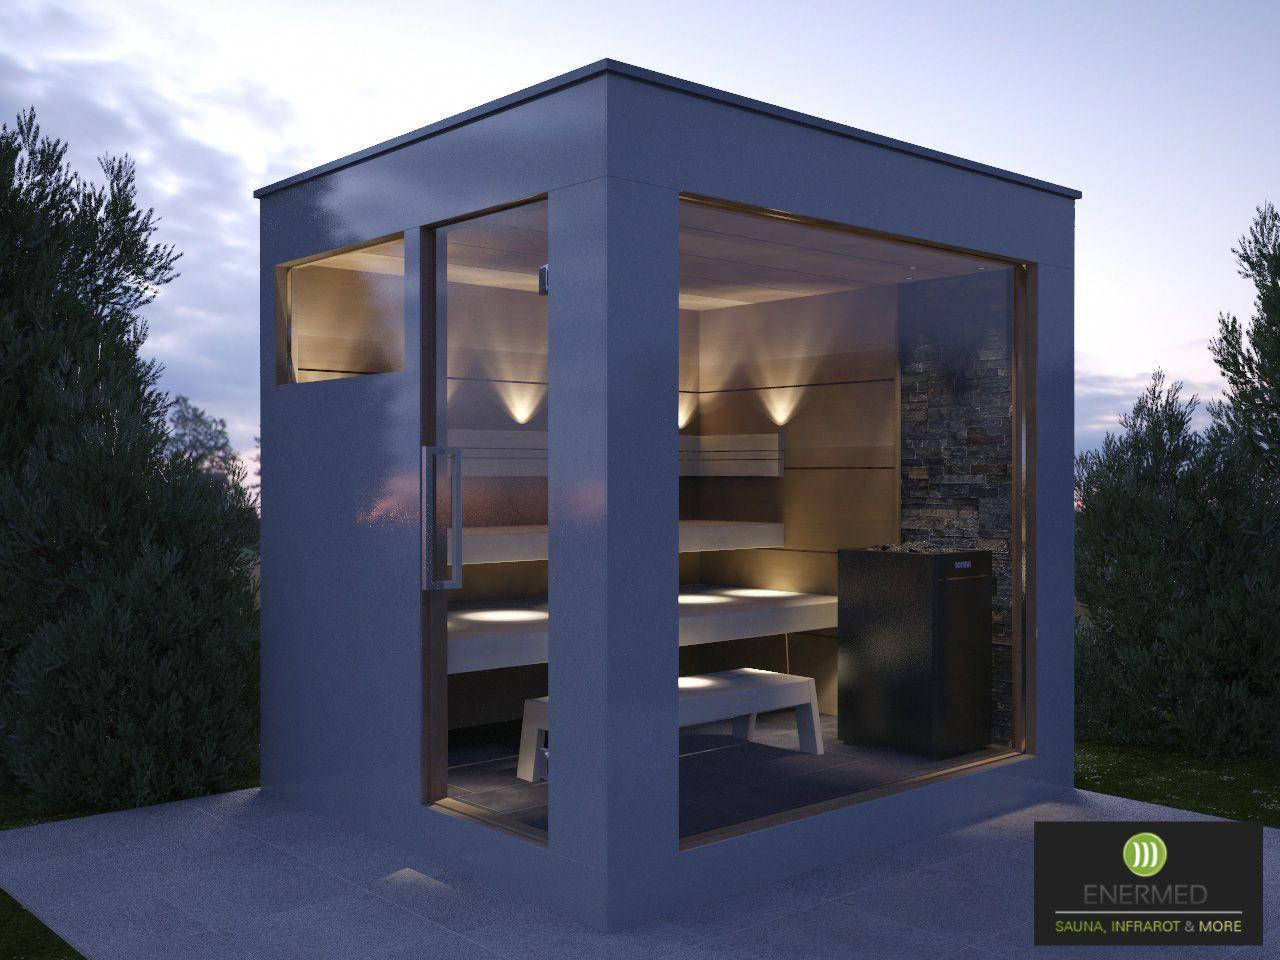 15+ Sauna arten fuer zuhause ideen